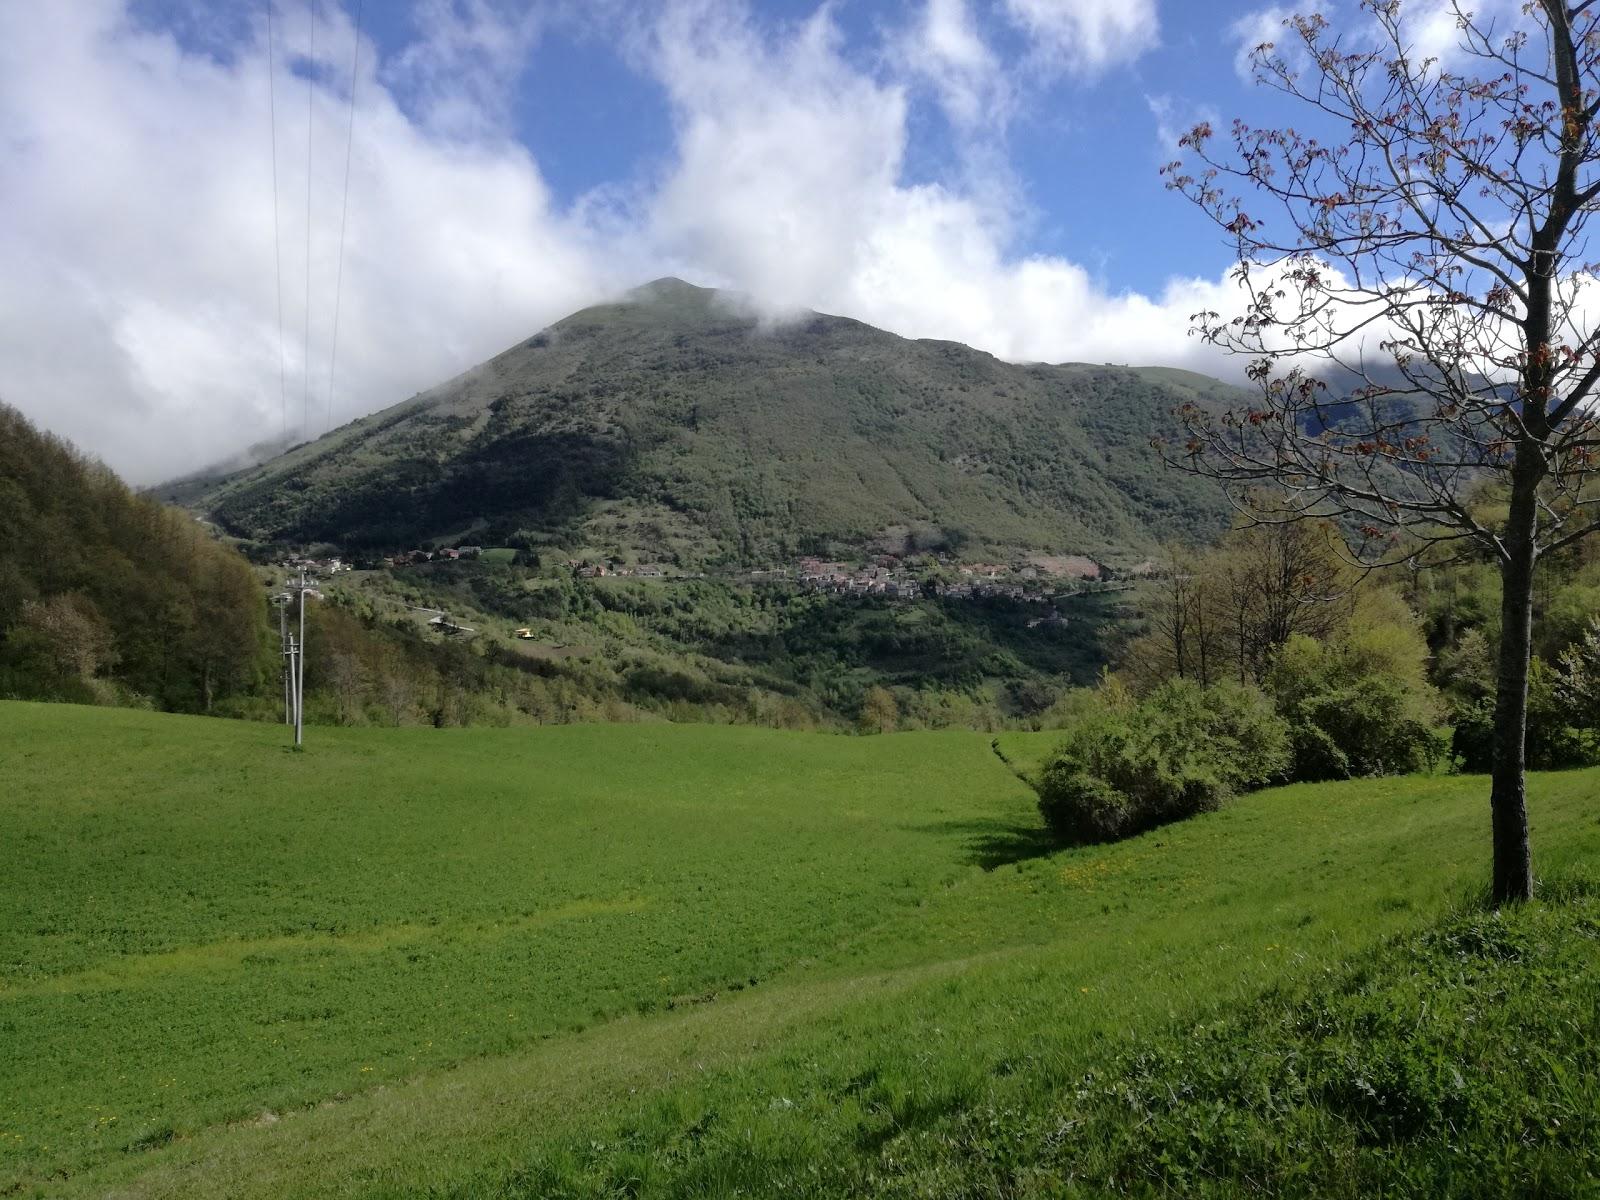 Serravalle di Carda (Apecchio)